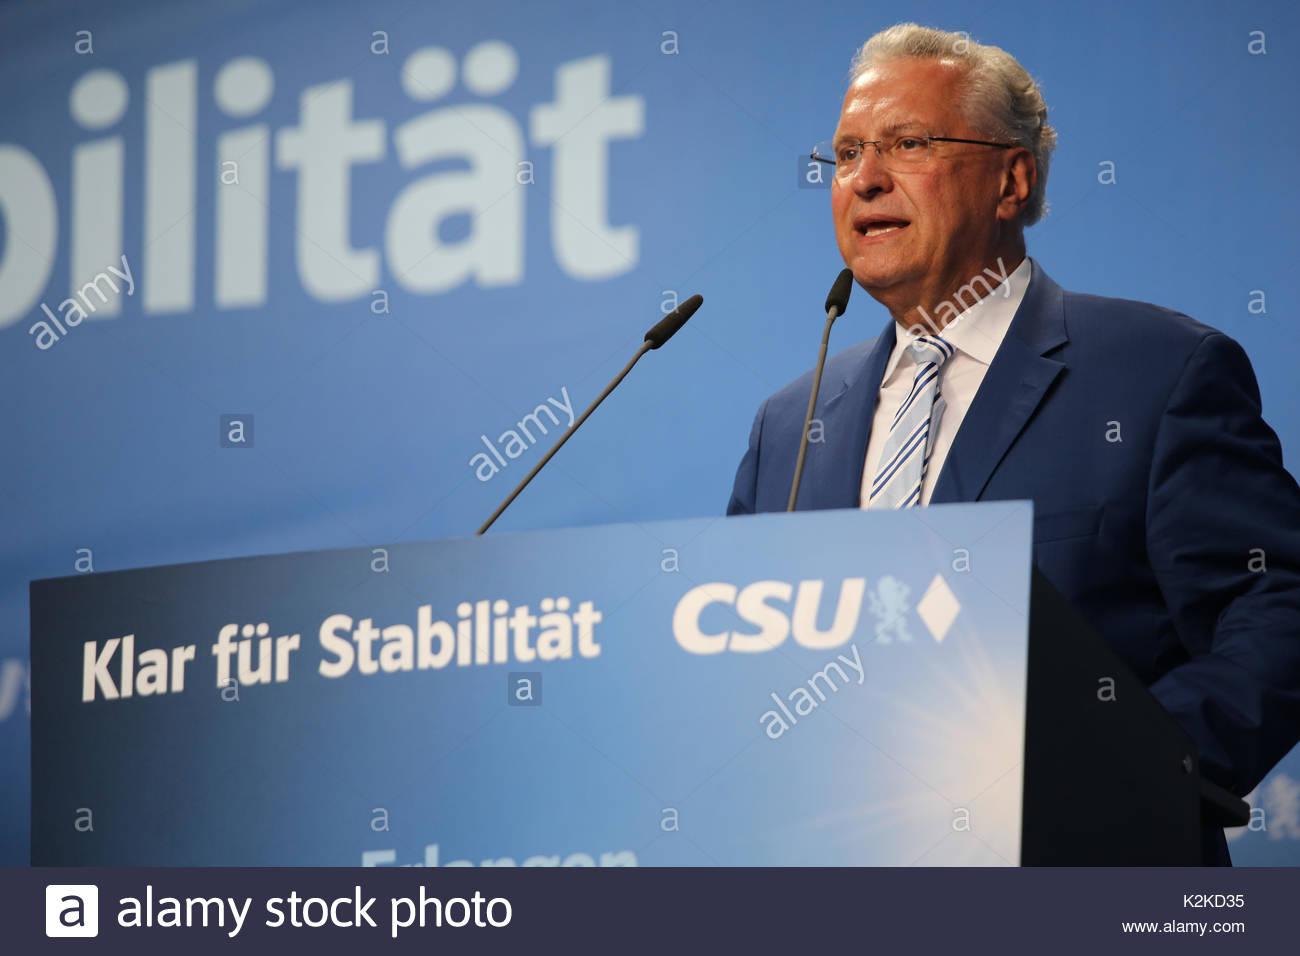 Joachim Herrmann parle à une foule de partisans de la CSU lors d'un événement de campagne à Erlangen en Allemagne. Il est ministre de l'Intérieur dans le gouvernement de Bavière et responsable de la sécurité intérieure. Photo Stock